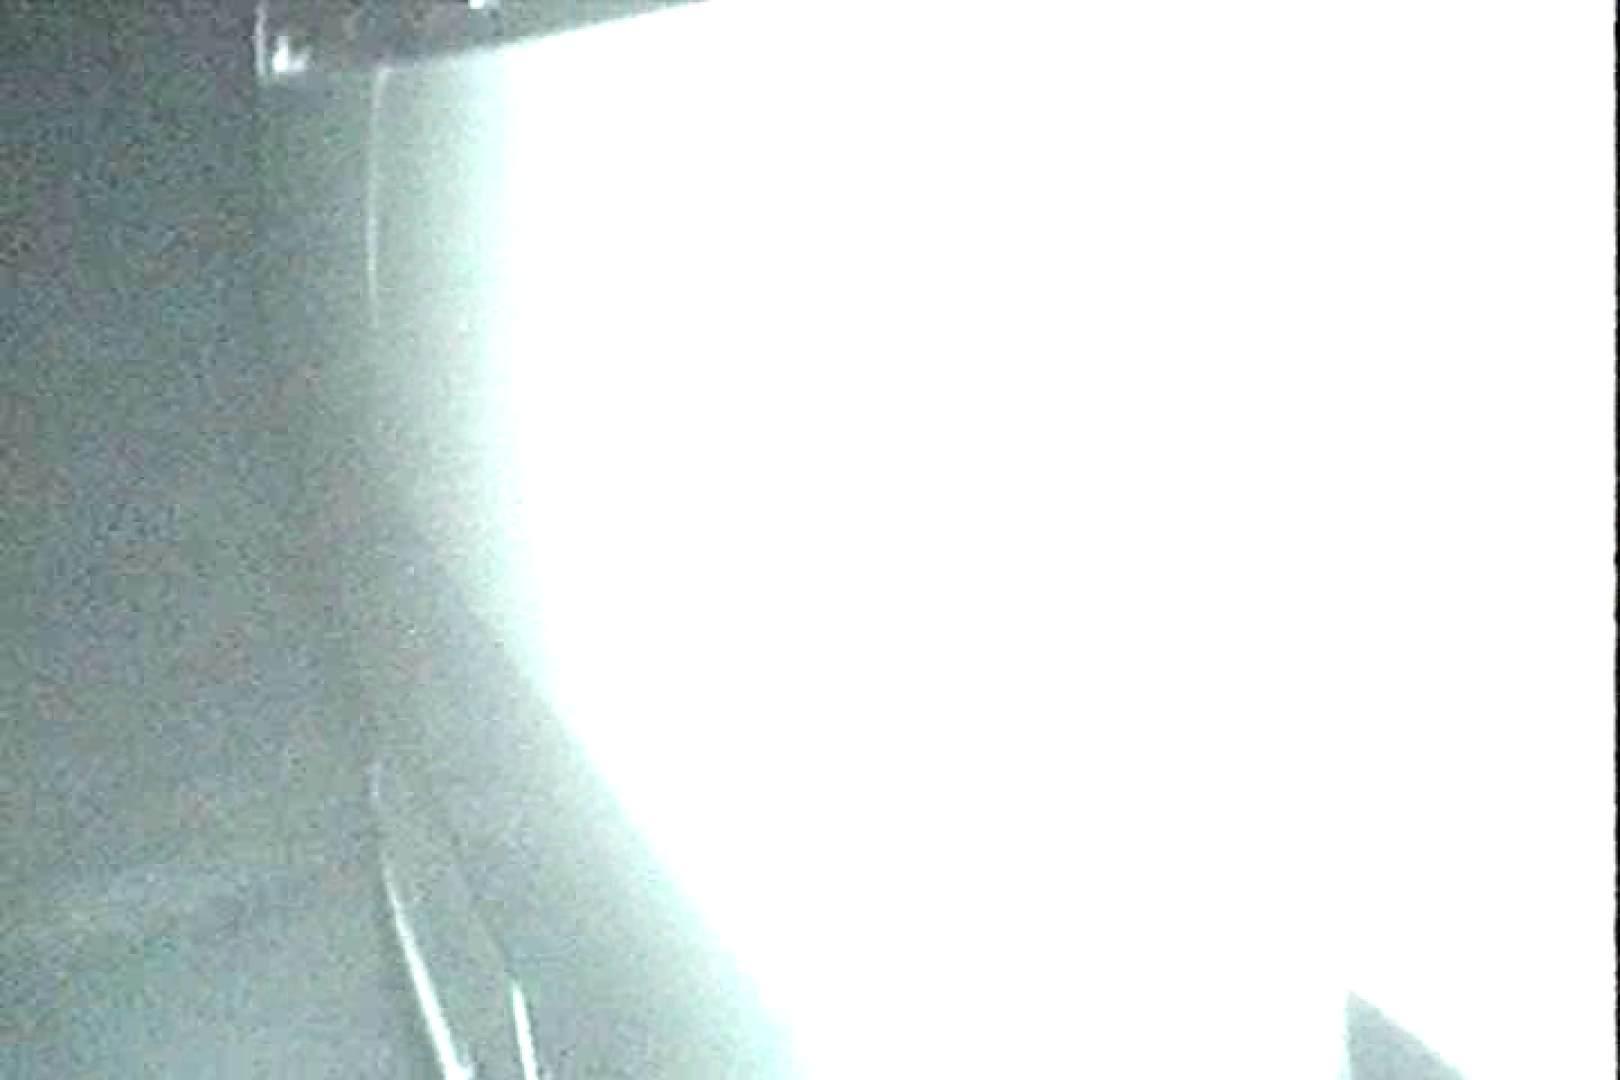 充血監督の深夜の運動会Vol.39 カップル   OLの実態  79pic 47